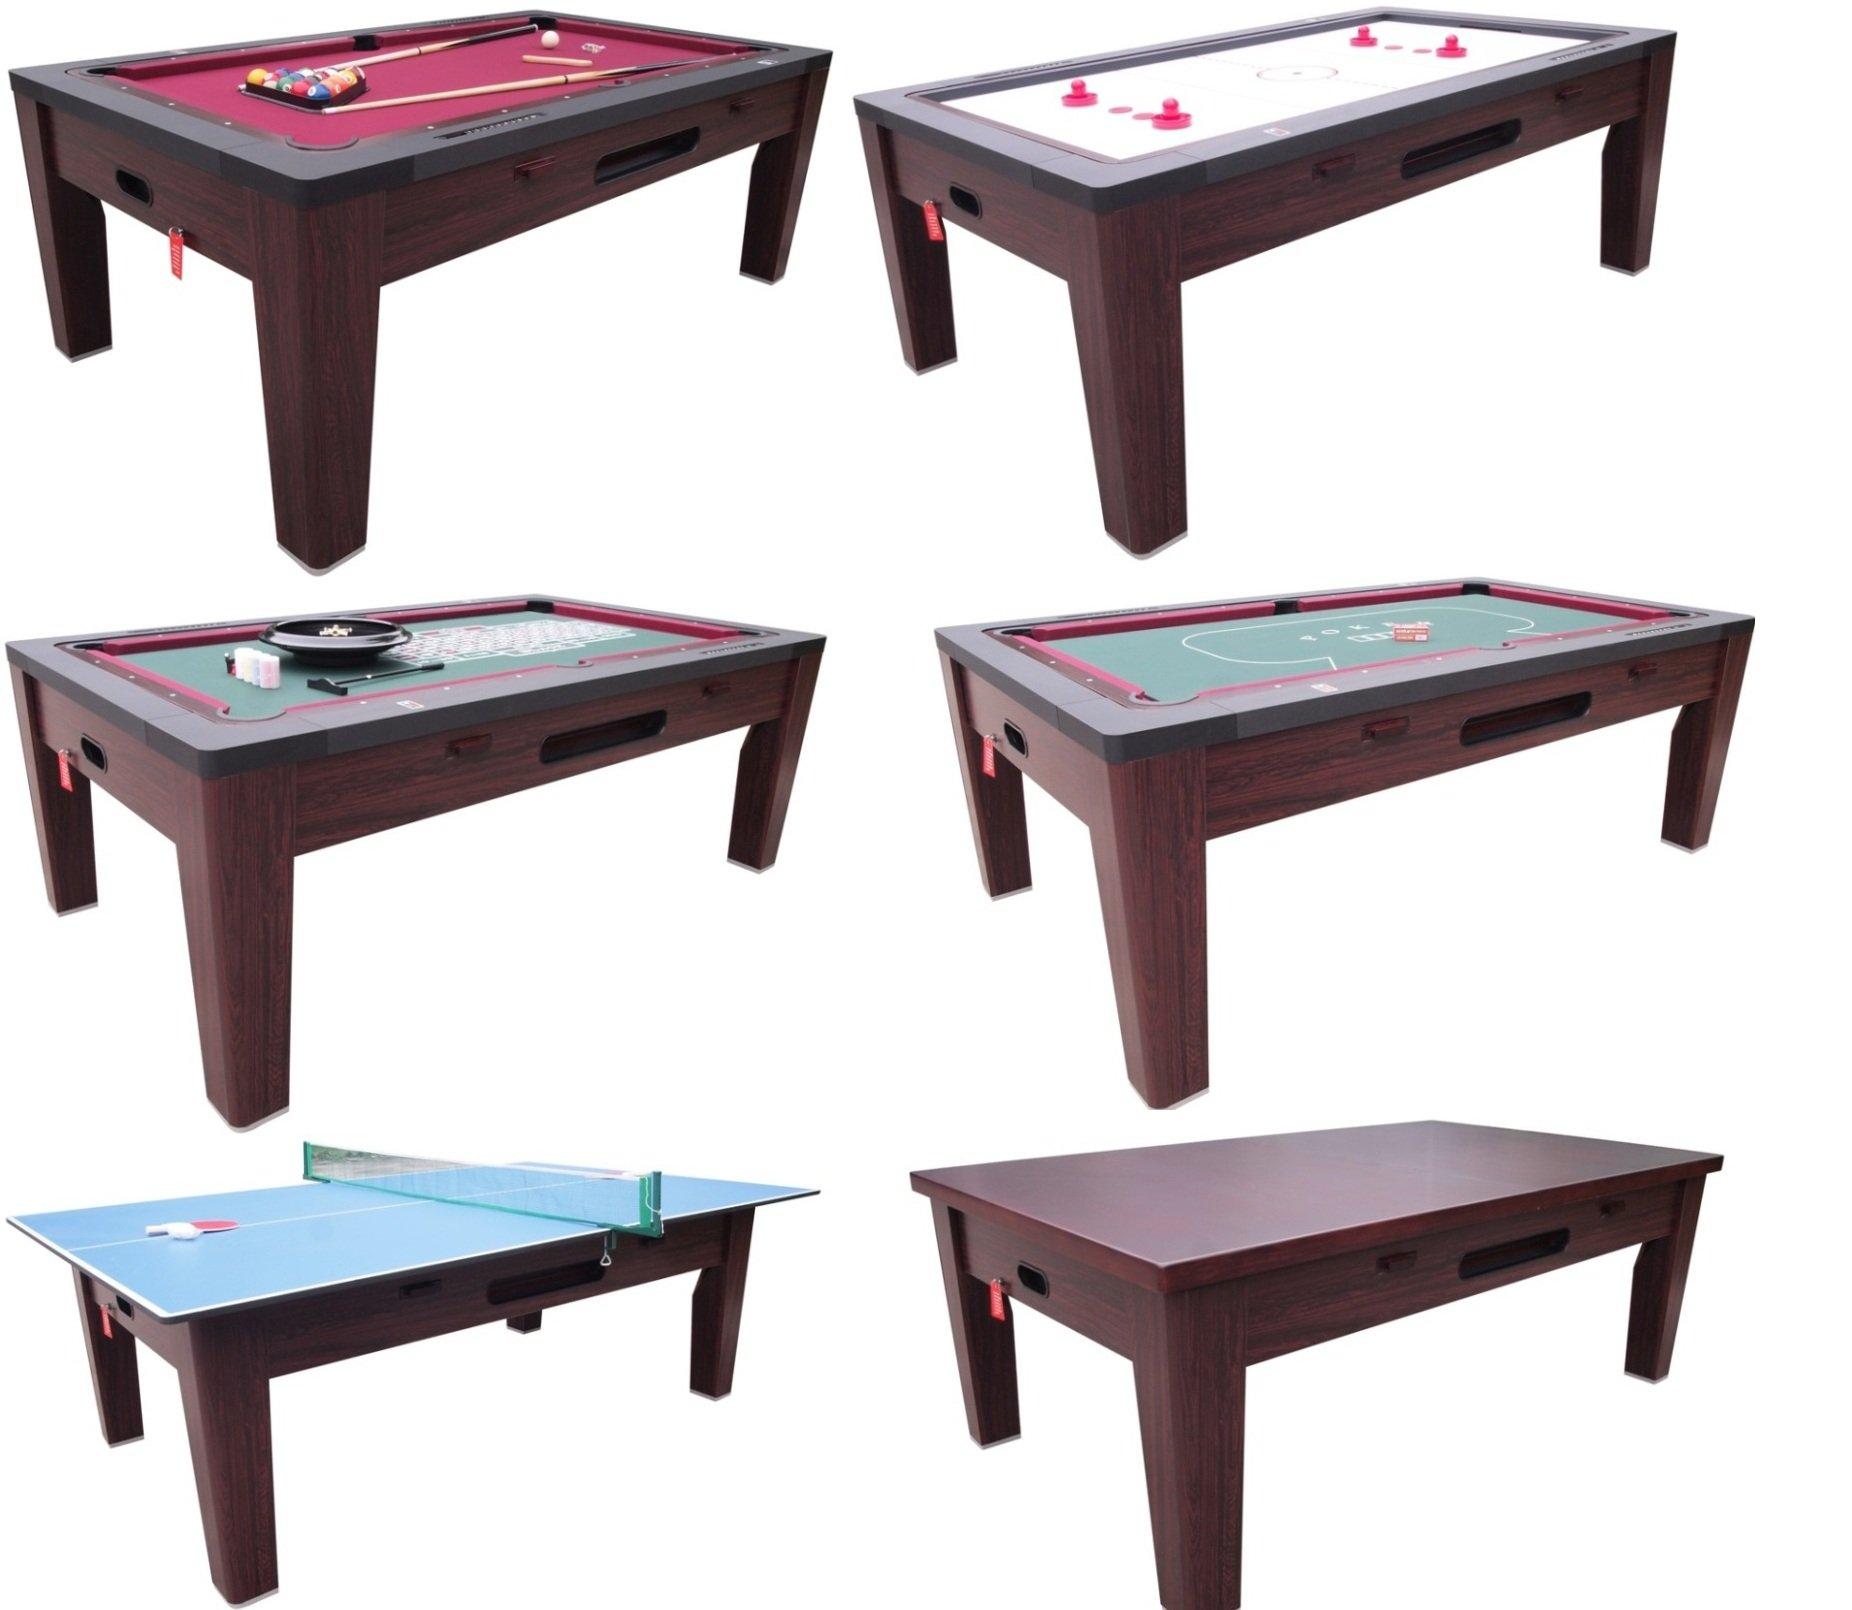 6 in 1 Multi Game Table in Walnut By Berner Billiards